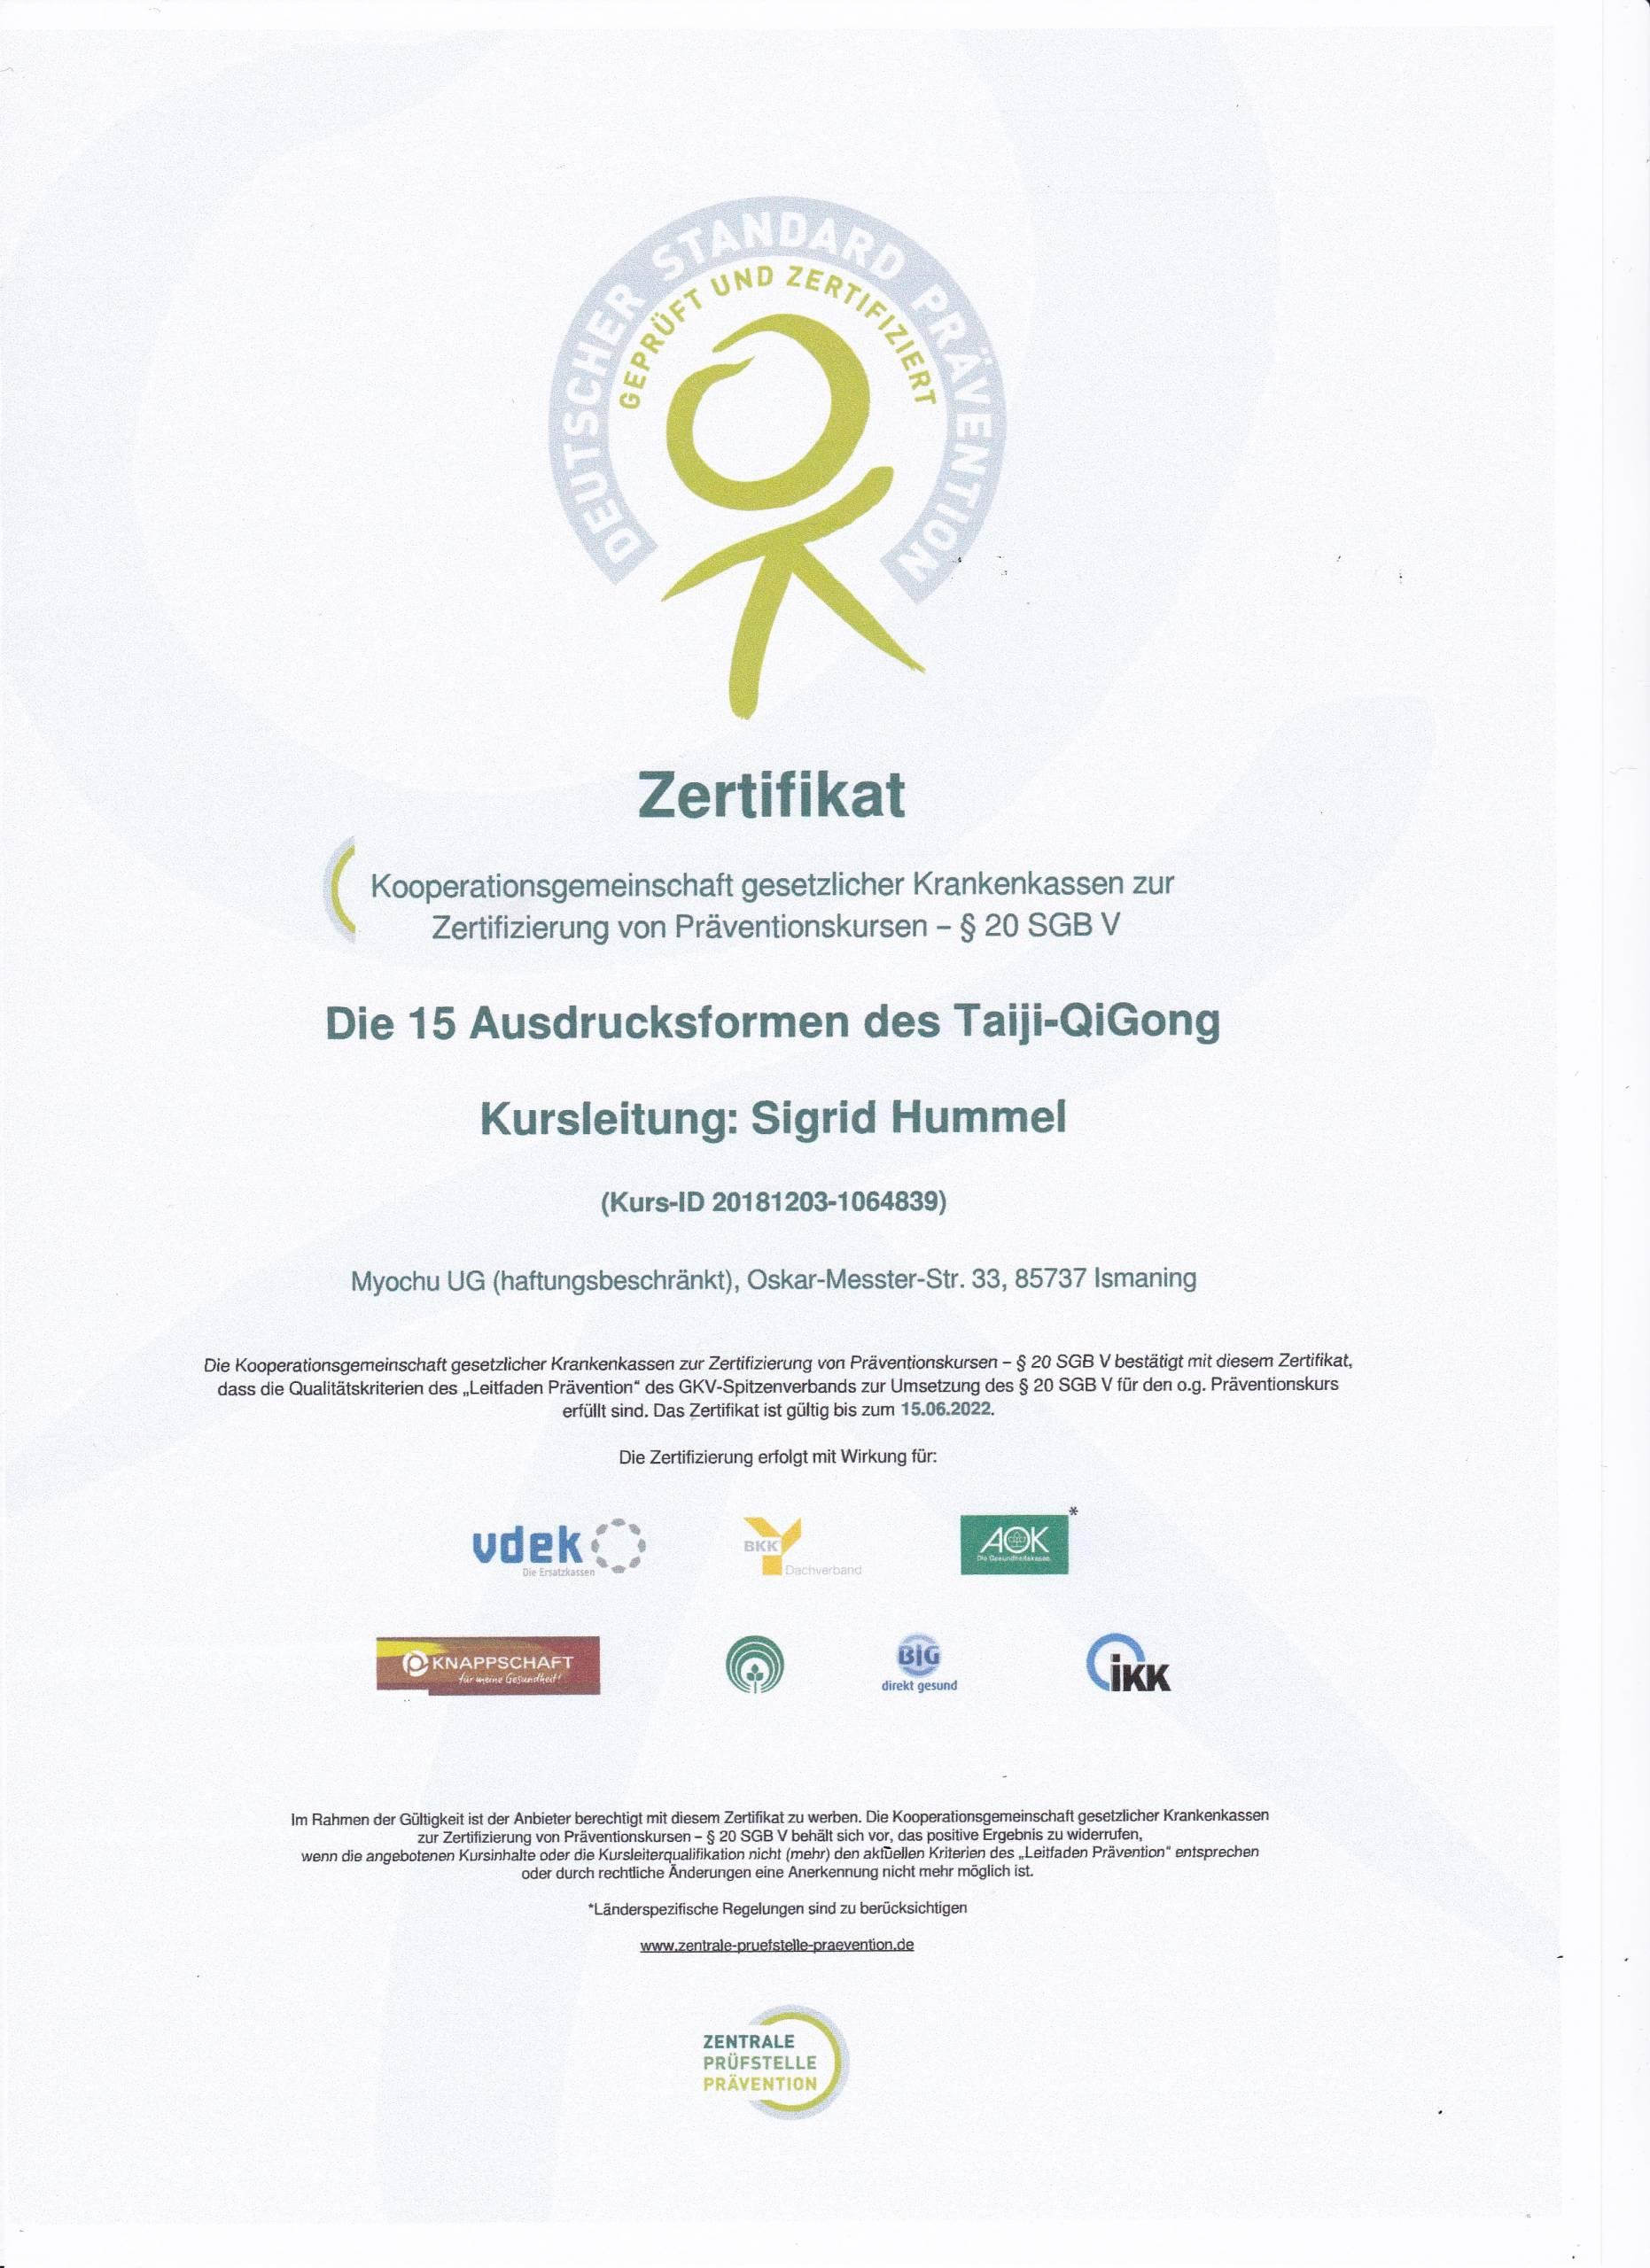 Zertifikat 15 Formen Taiji QiGong